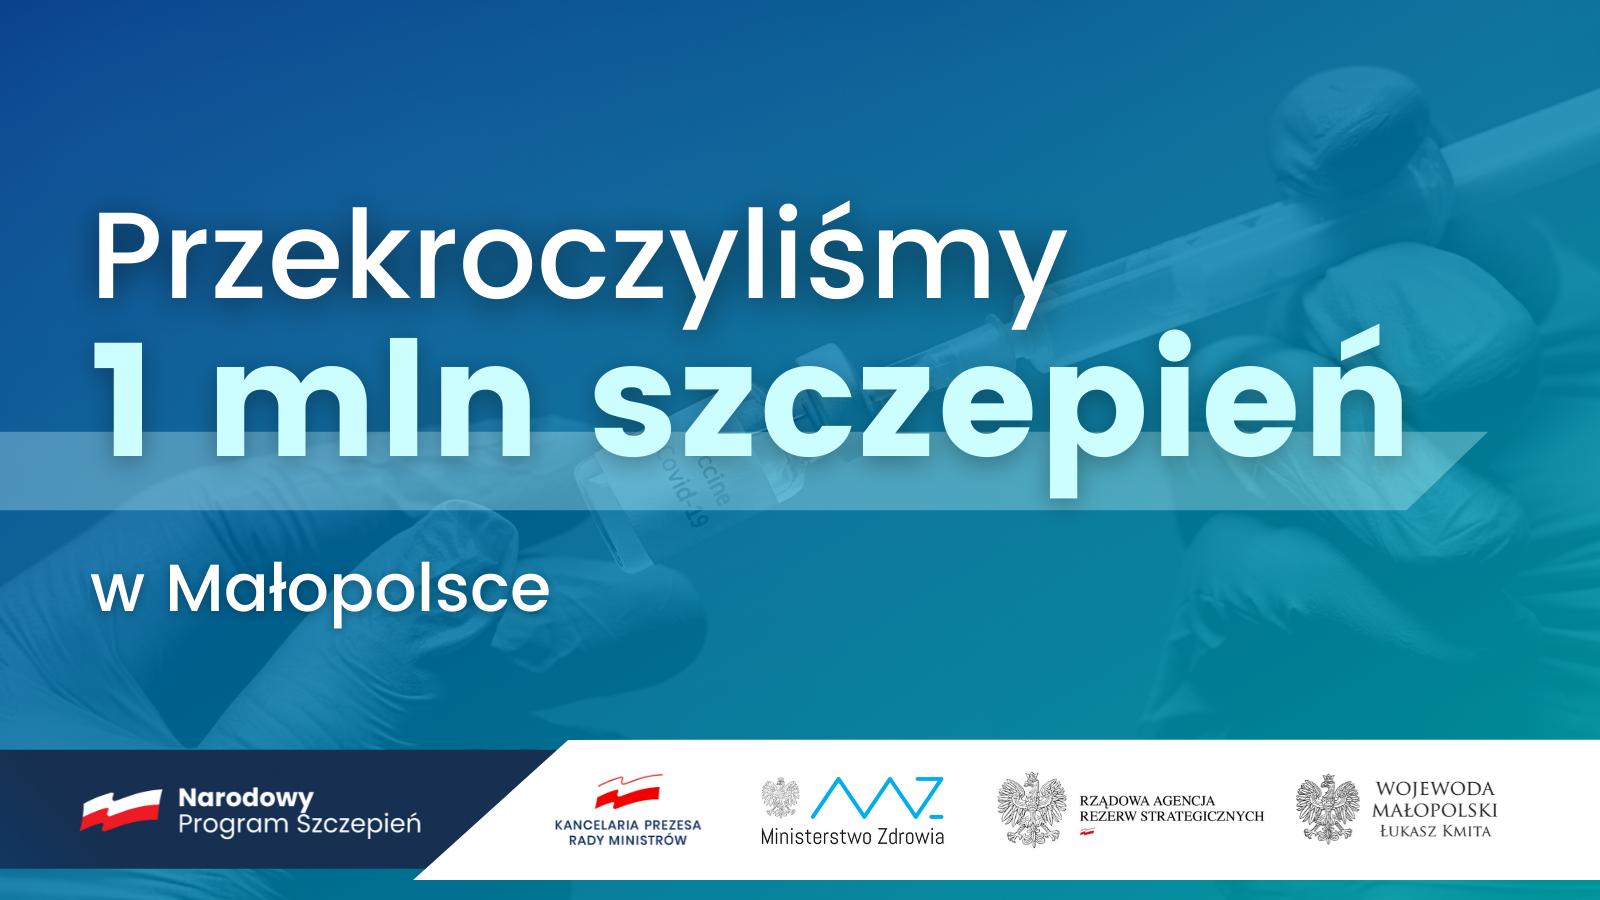 W Małopolsce - już ponad milion zaszczepionych